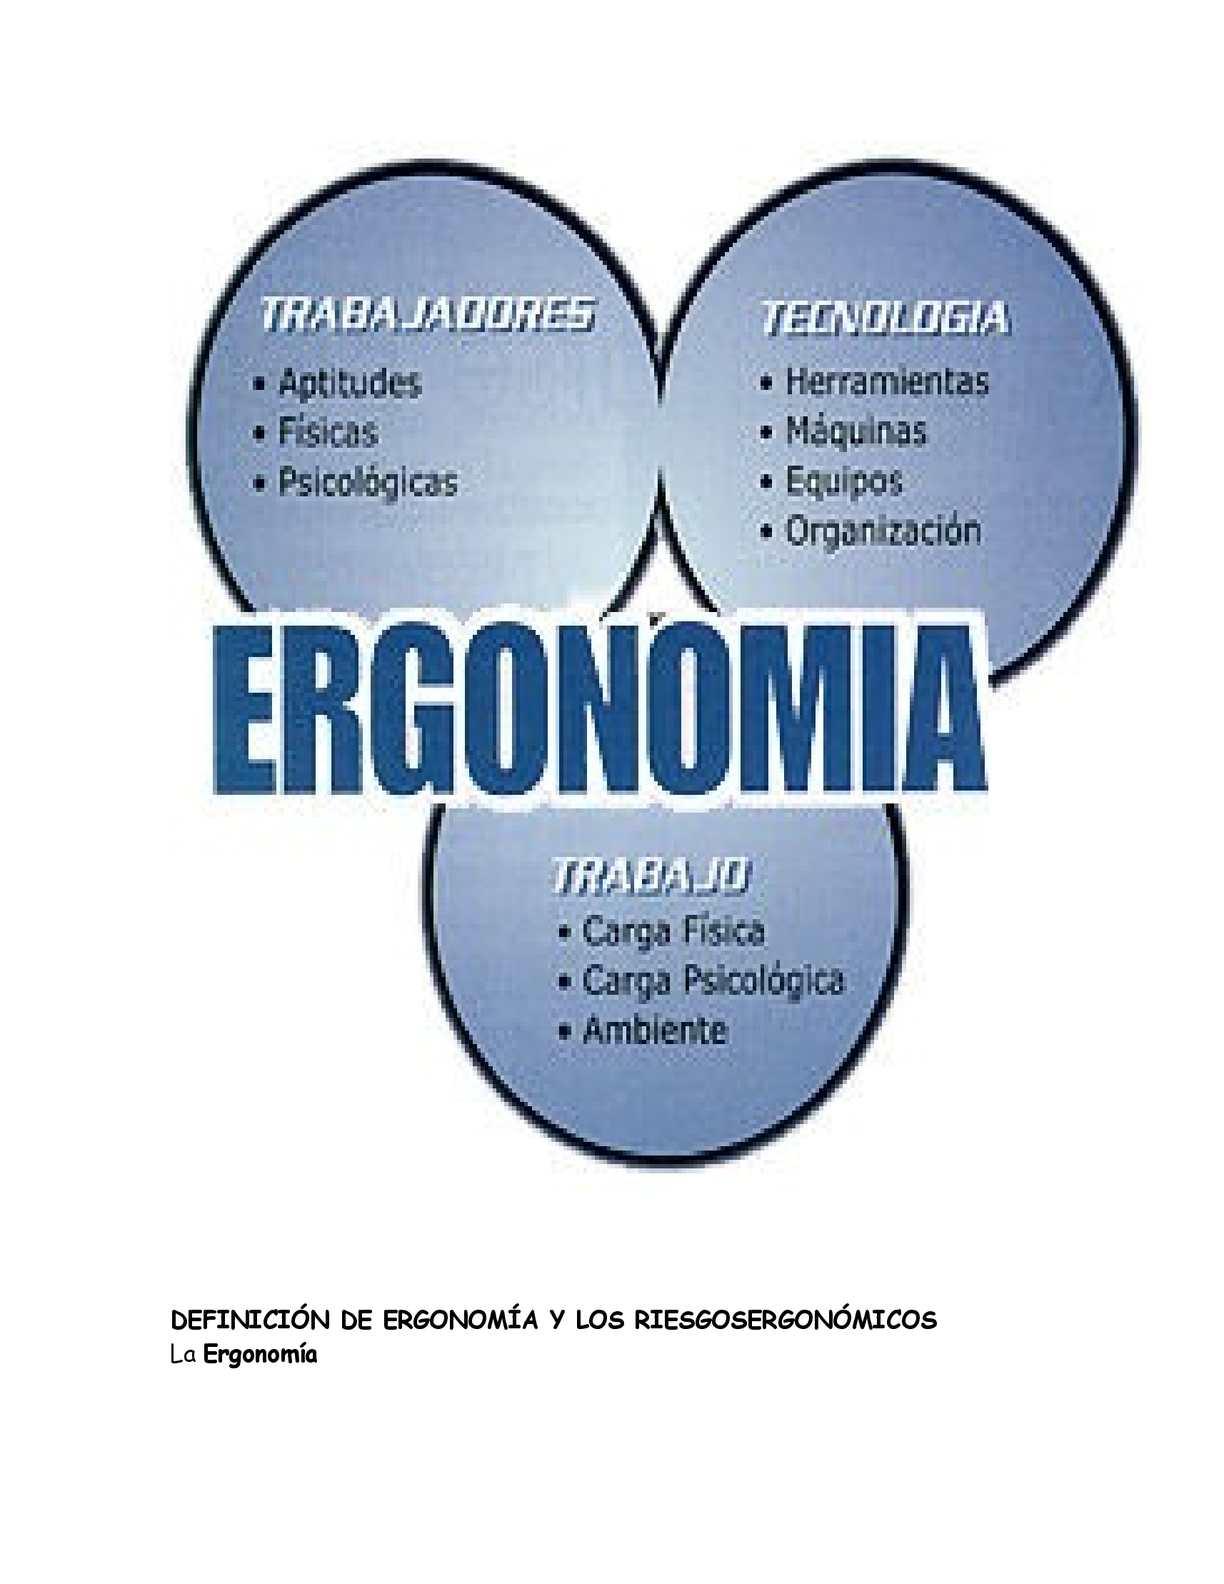 Calam o riesgo ergonomico for Caracteristicas de la ergonomia